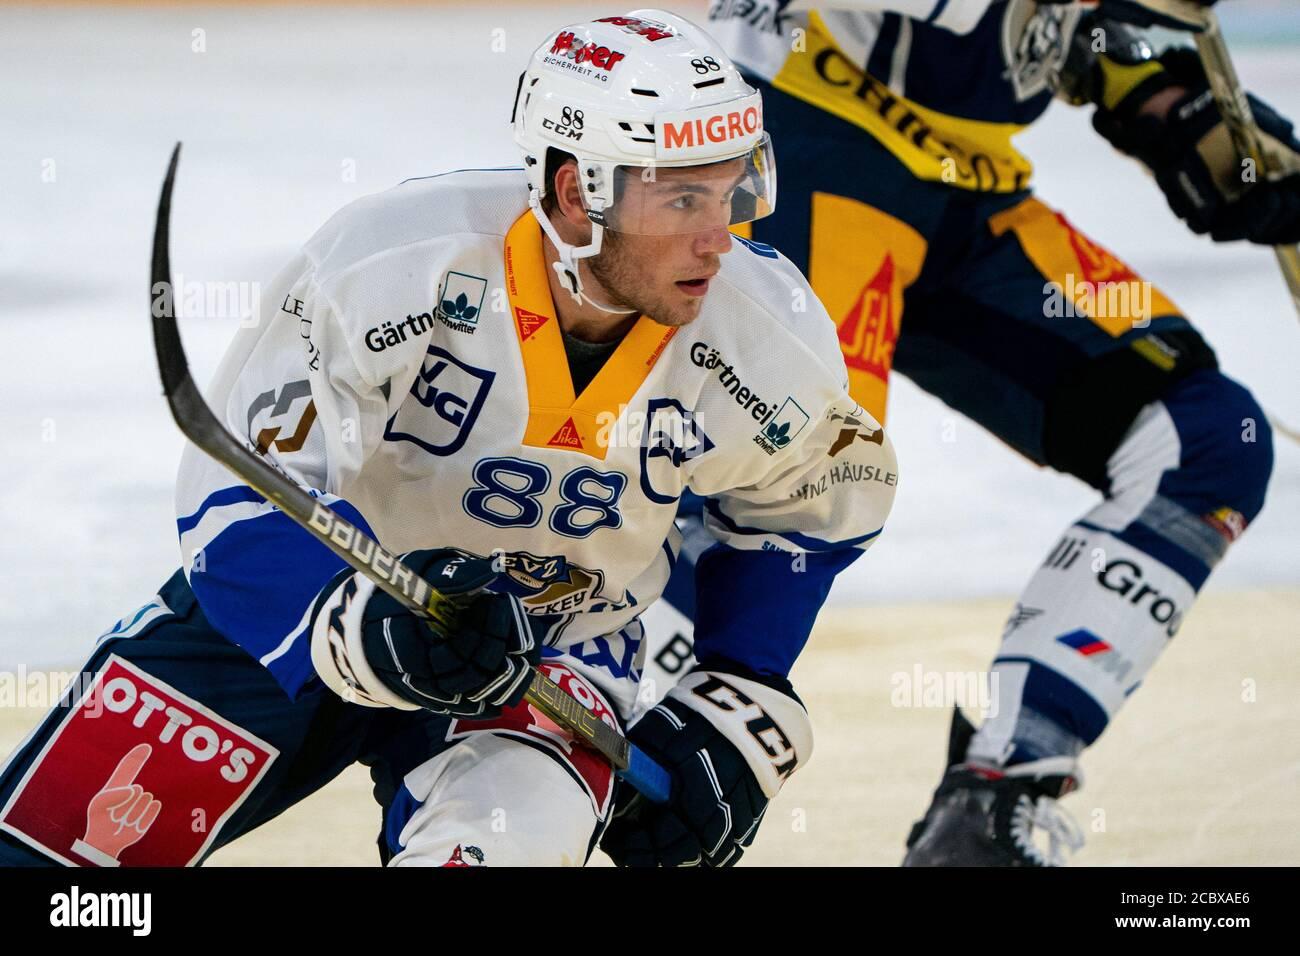 Anton Gradin # 88 (EVZ Academy) während des Nationalen und Schweizerischen Liga-Vorbereitungs-Eishockeyspiels zwischen EV Zug und EVZ Academy am 16. August 2020 in der Bossard Arena in Zug. Kredit: SPP Sport Presse Foto. /Alamy Live Nachrichten Stockfoto